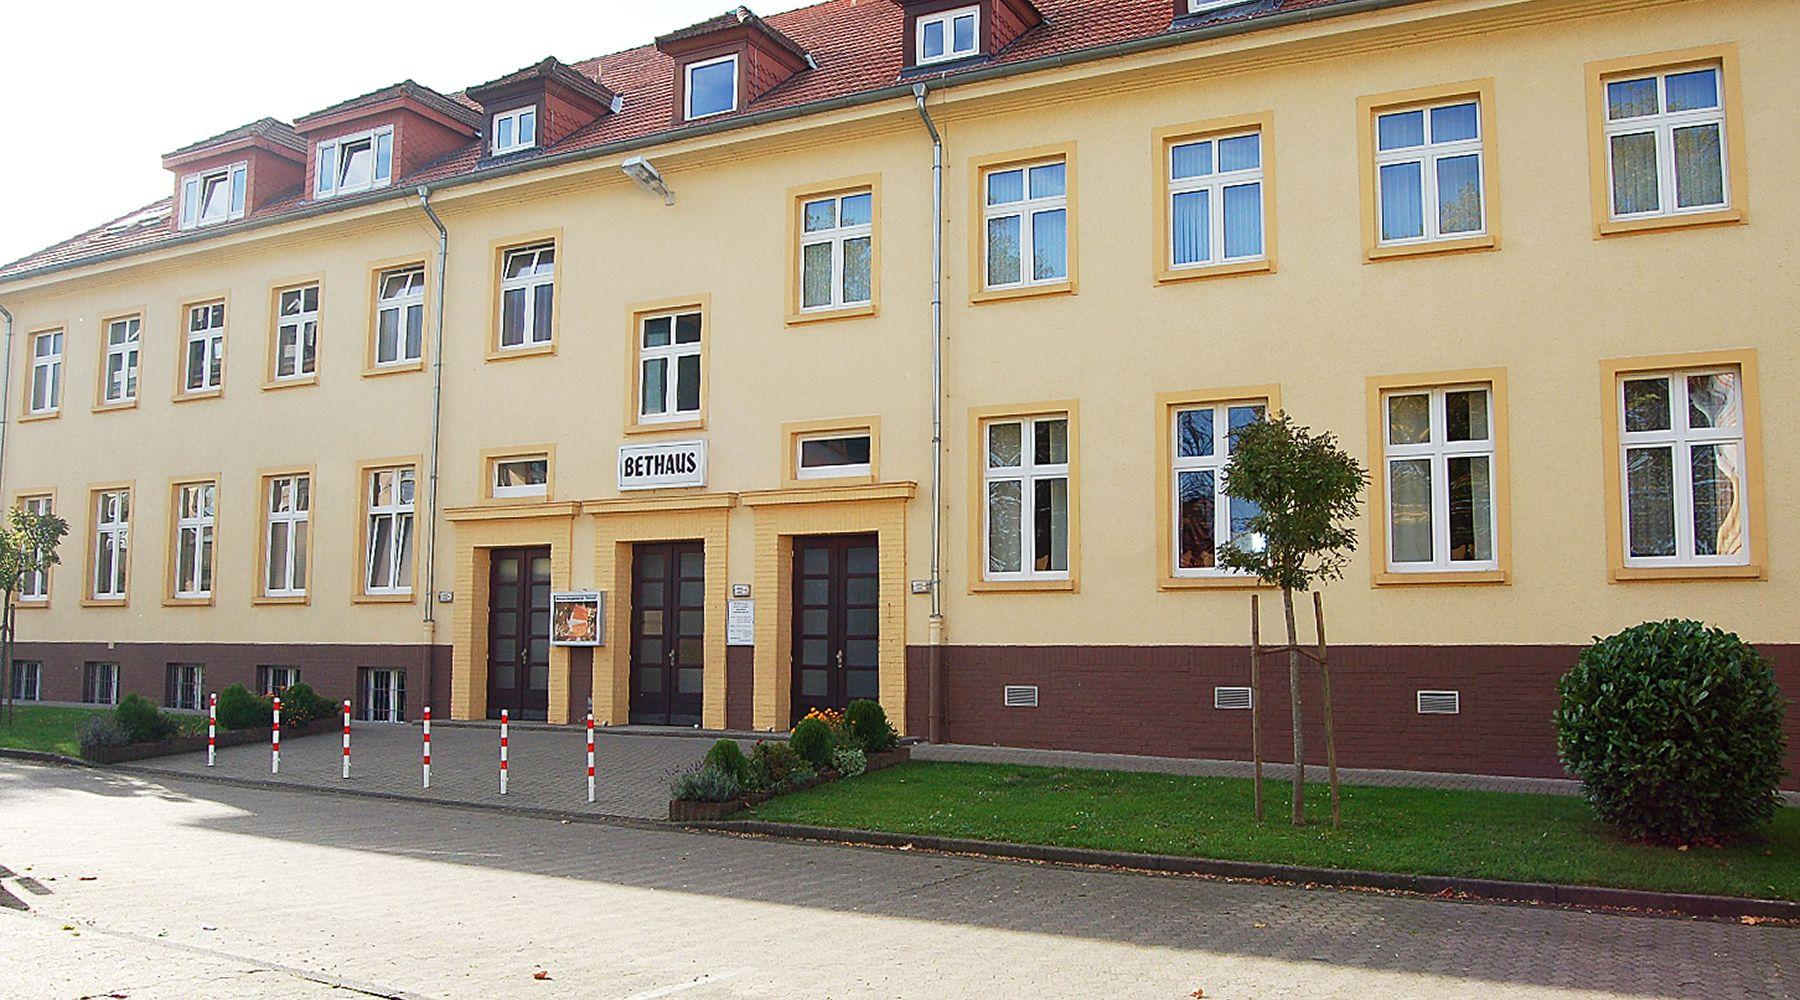 Detmold-Gemeindehaus